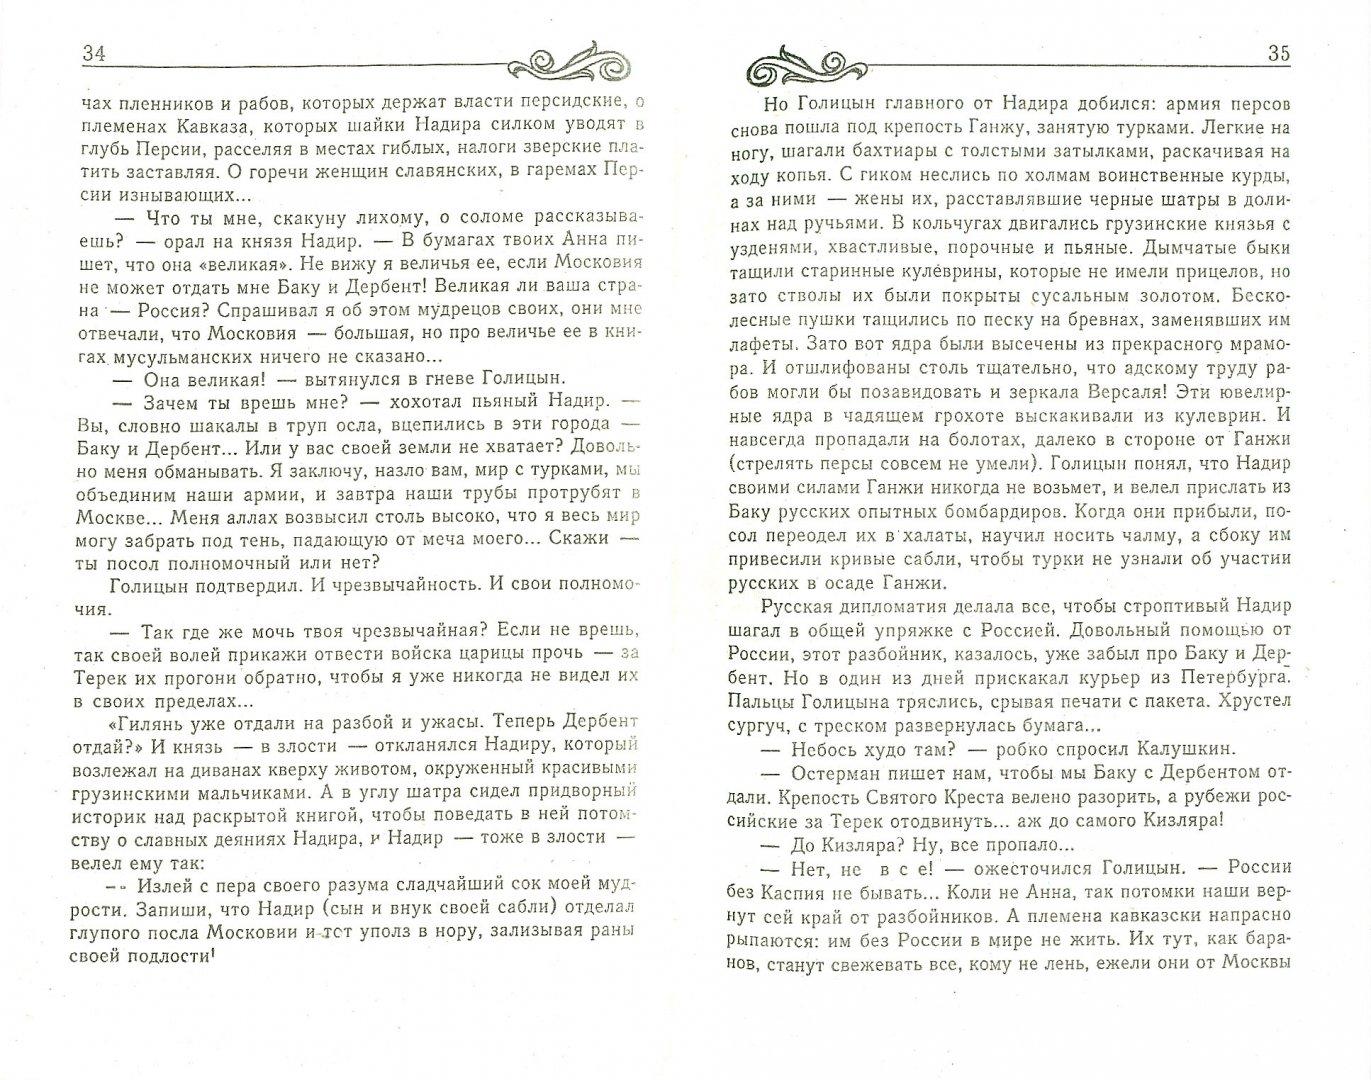 Иллюстрация 1 из 20 для Слово и дело. В 2-х книгах. Книга 2. Мои любезные конфиденты - Валентин Пикуль   Лабиринт - книги. Источник: Лабиринт